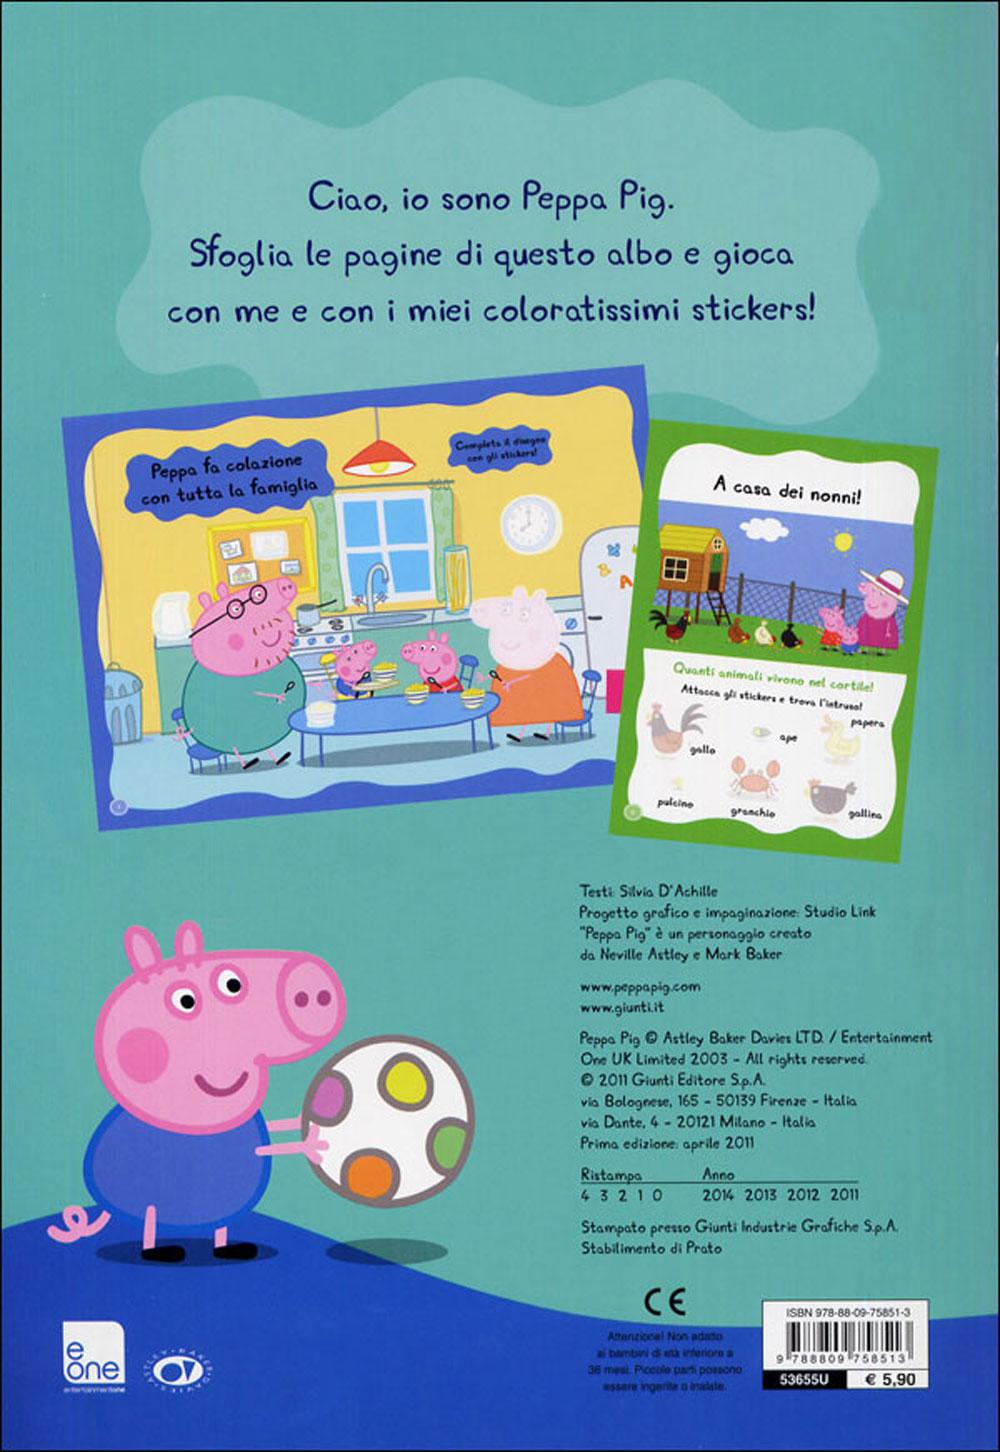 Gioca con Peppa Pig